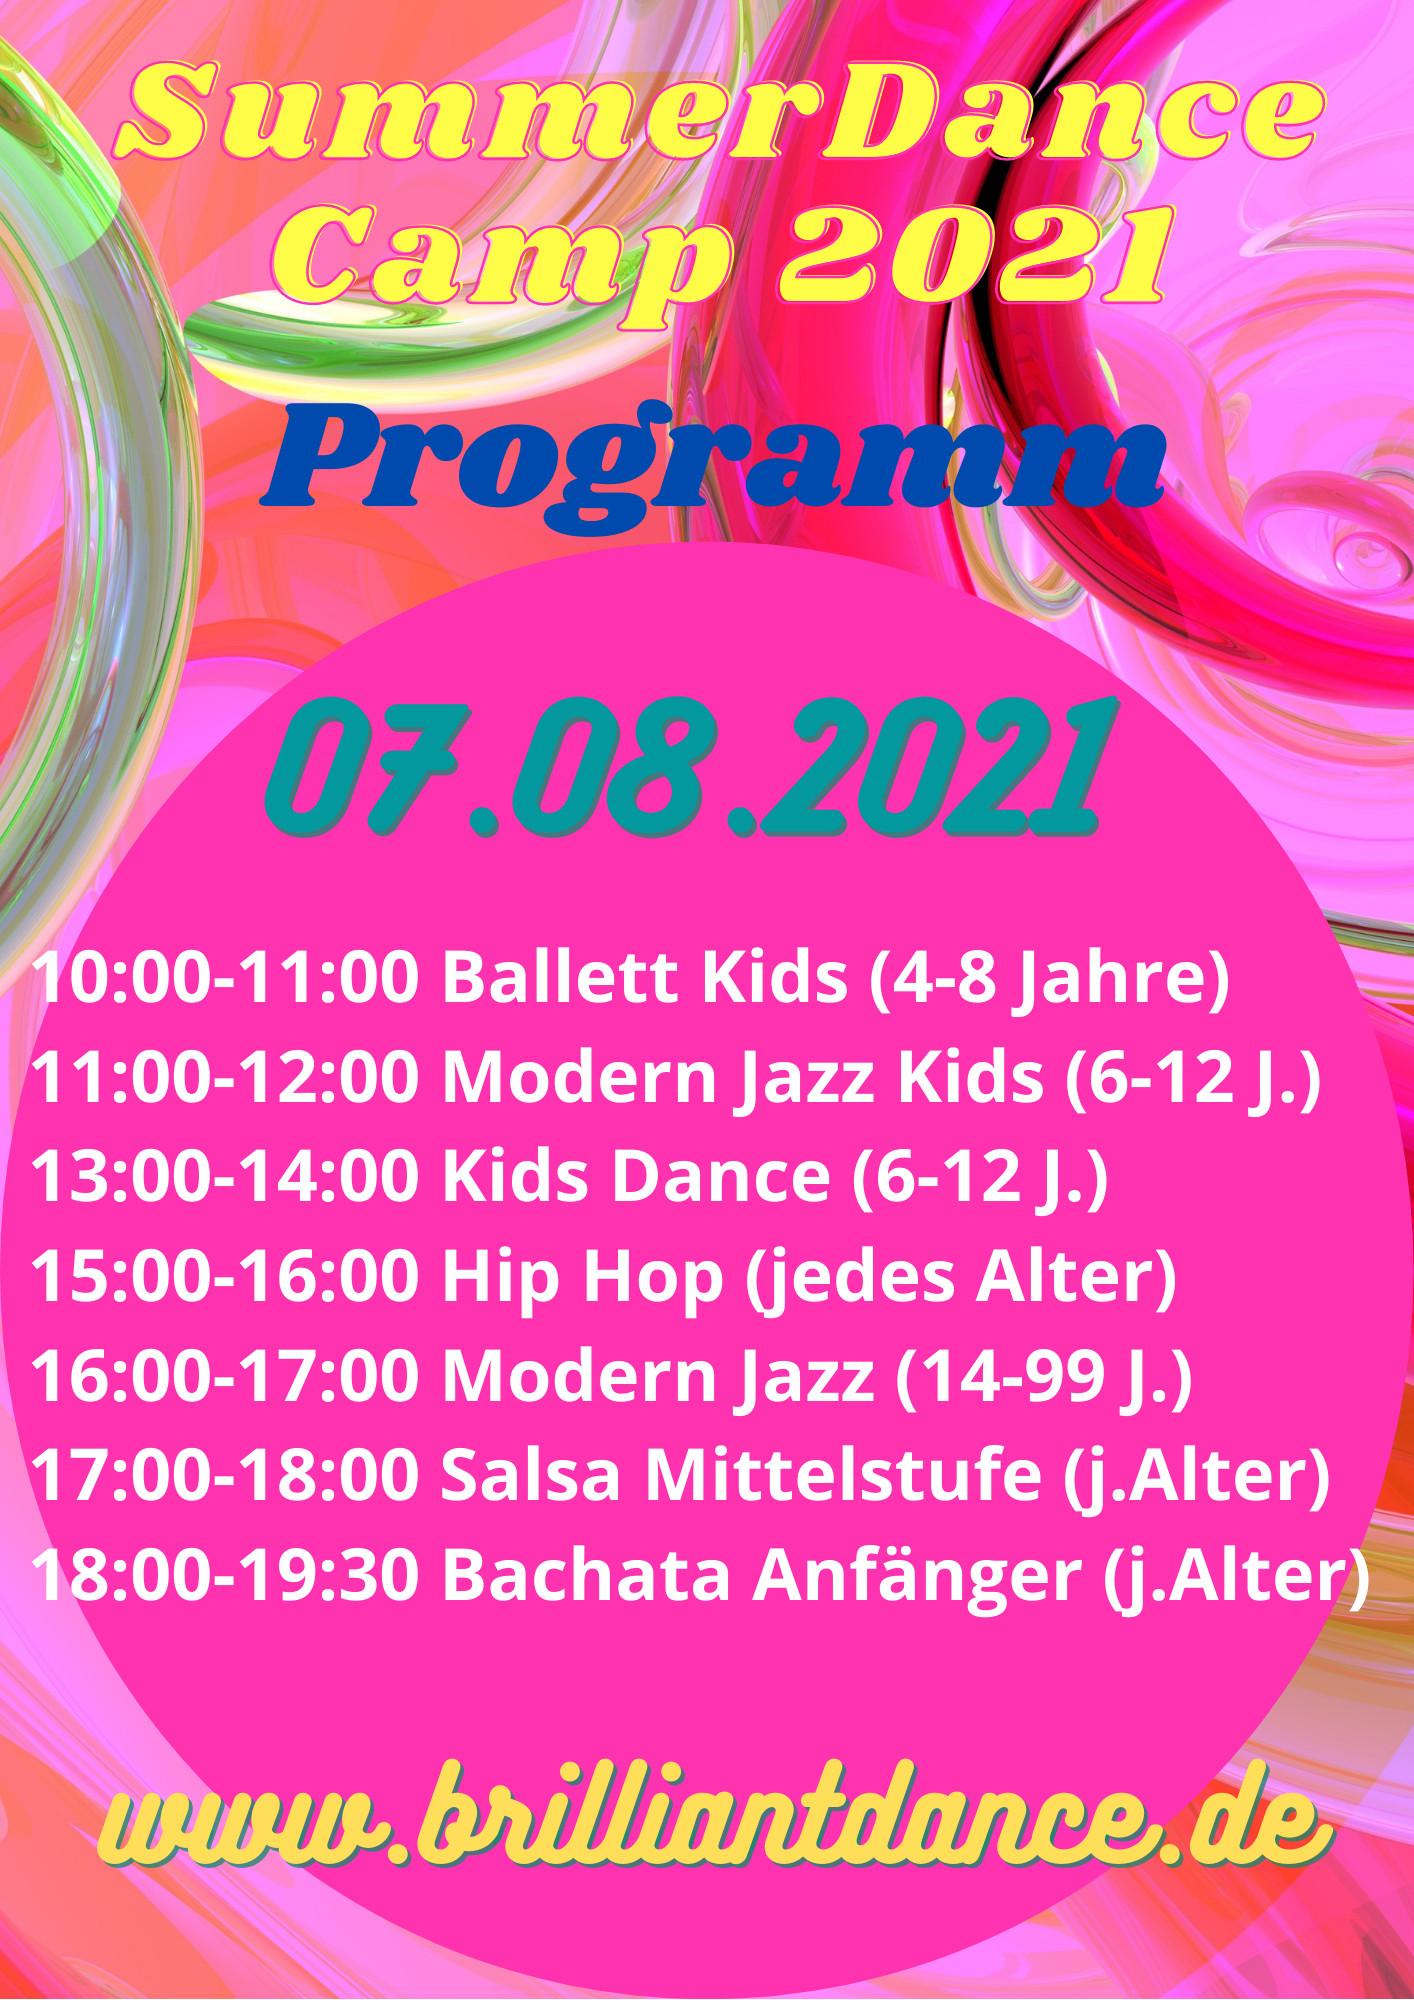 Flyer Summer Dance Camp 2021